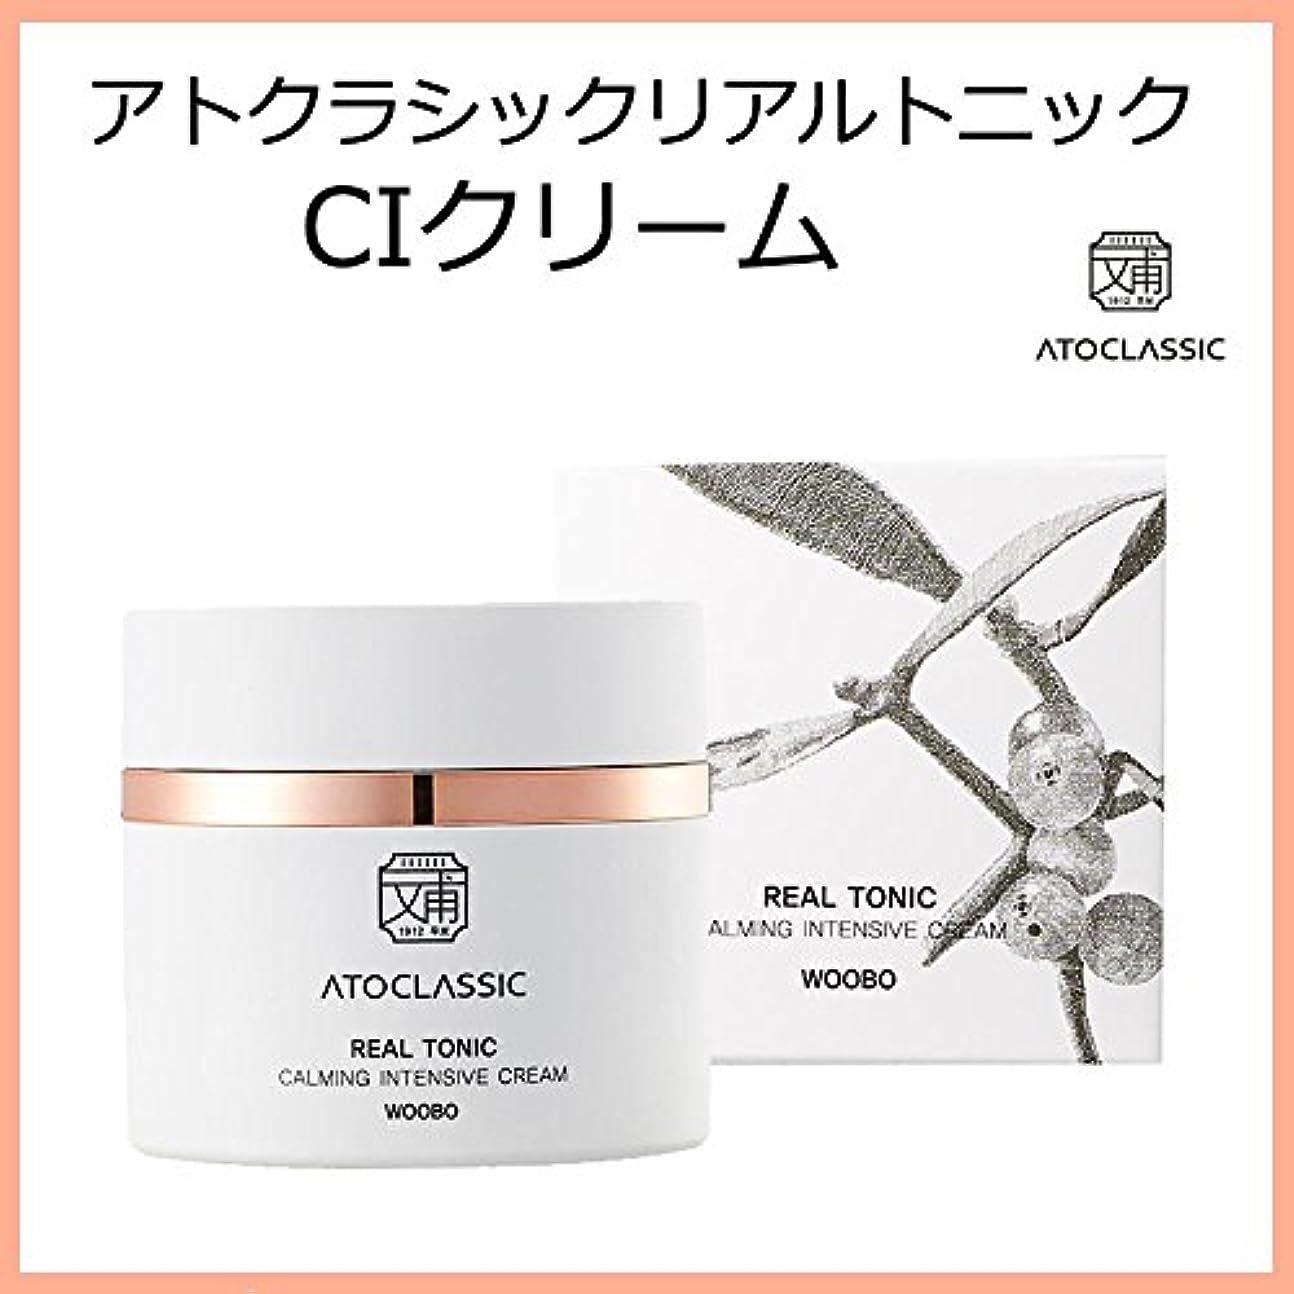 ストレスの多い詐欺師不良品韓国コスメ ATOCLASSIC アトクラシックリアルトニック CIクリーム(Calming Intensive Cream) 50ml